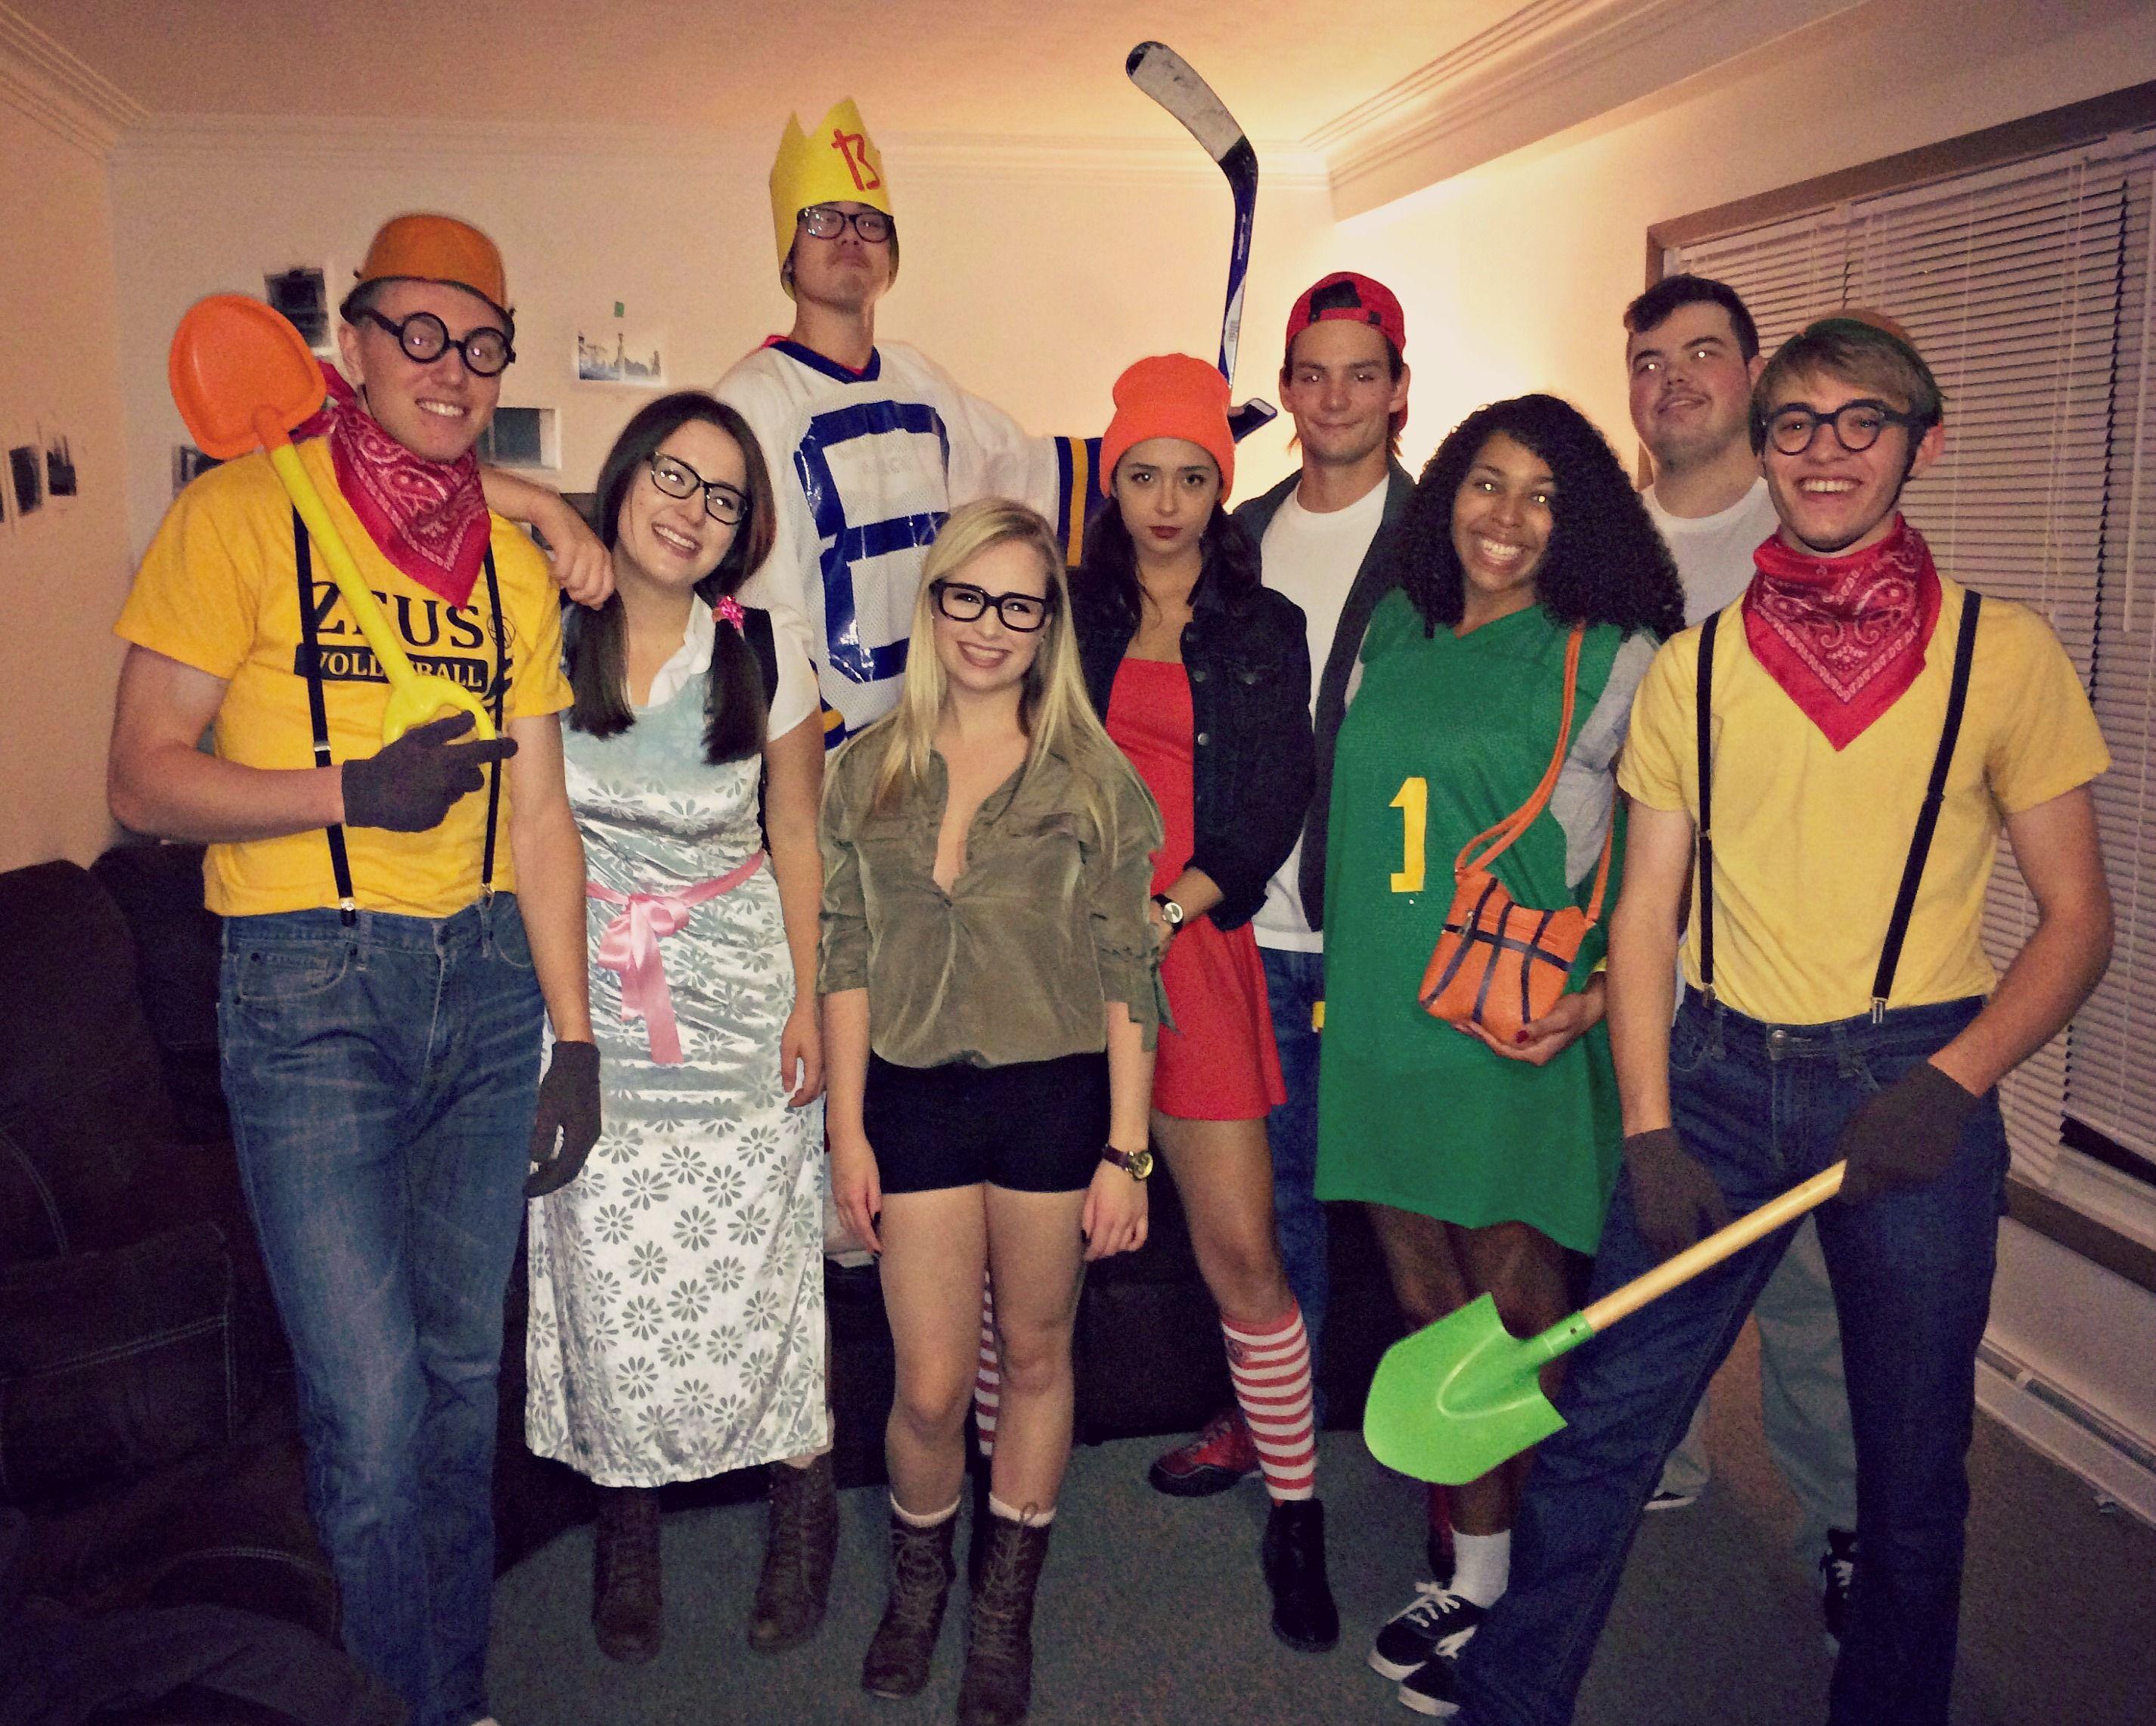 recess halloween costume #recess #halloween #college #groupcostume